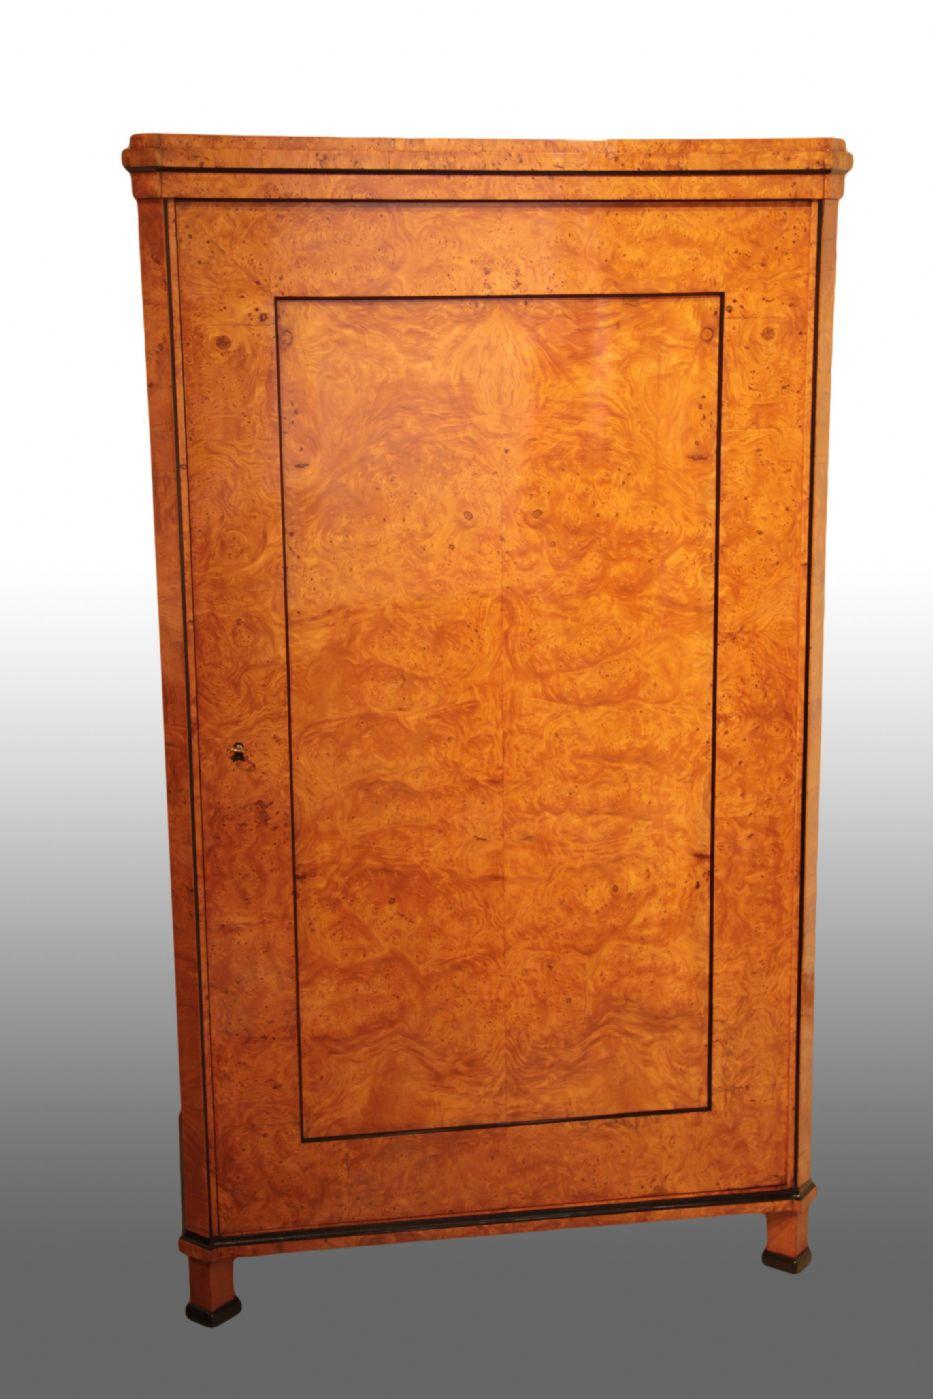 Coppia di piccoli armadi biedermeier austria 1820 circa for Piccoli mobili antichi